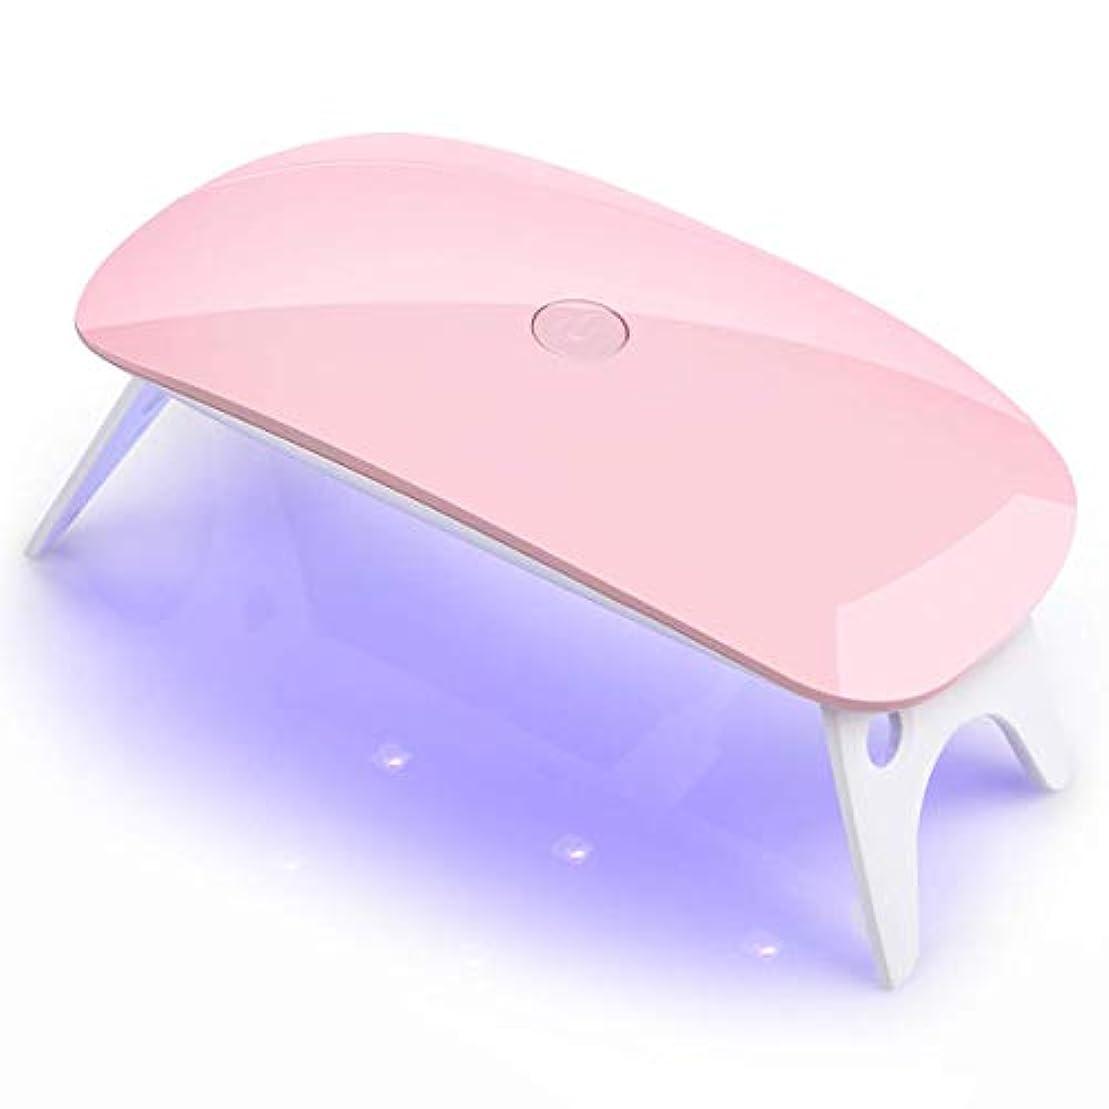 皿ジャケット辛いLEDネイルドライヤー UVライトダブルライト ジェルネイル用 ホワイト 人気 ランキング レジン ピンク キッチンライト